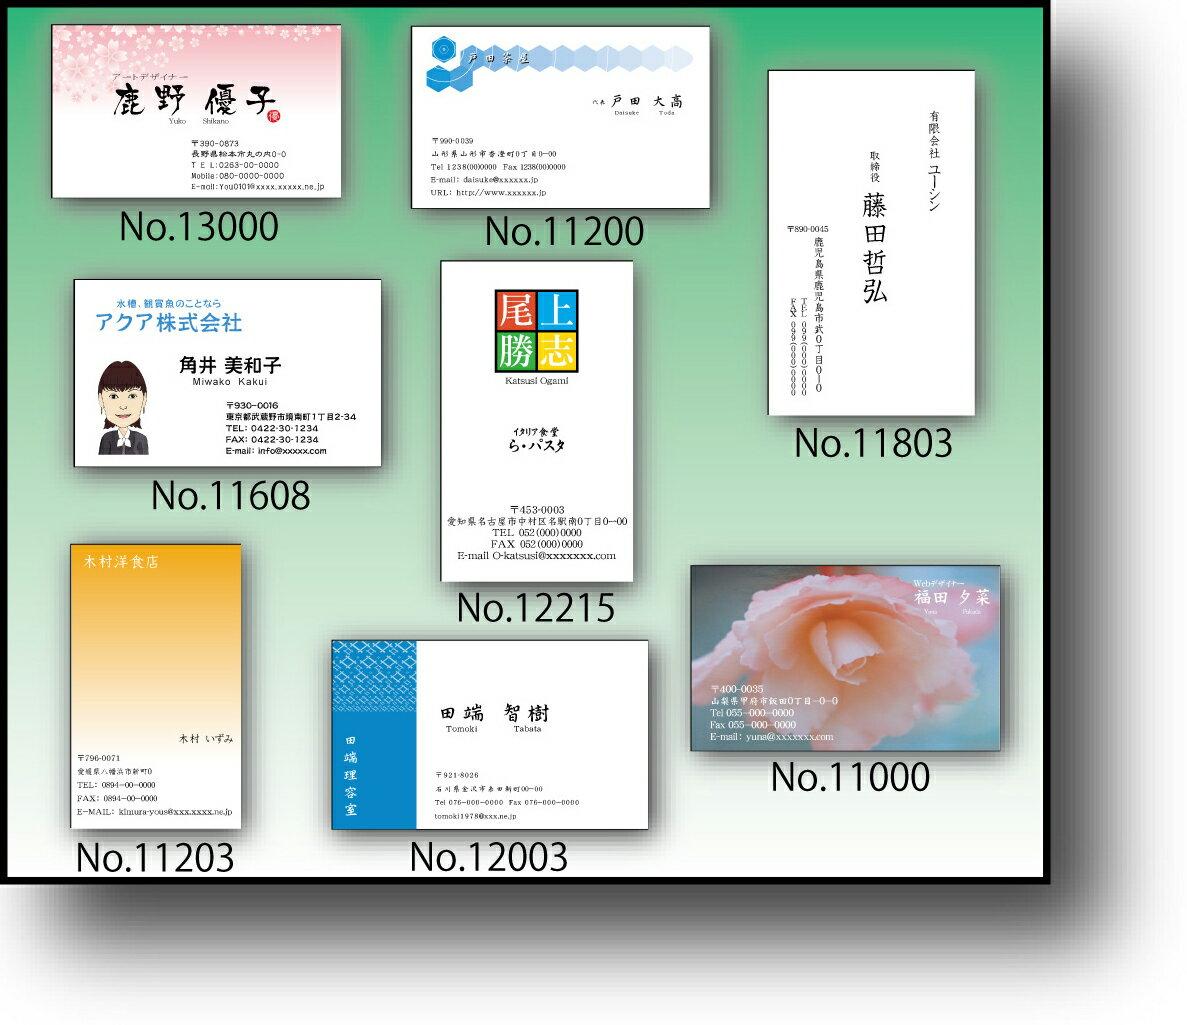 名刺 作成 名刺 印刷【お試し名刺(1セット40枚・約100種類から選択可 送料無料(クロネコDM便)<似顔絵・顔写真デザイン加工・イラスト作成は別途費用が発生します>】ショップカードにも。データ入稿も承ります。校正チェック何度でも無料。02P09Jan16